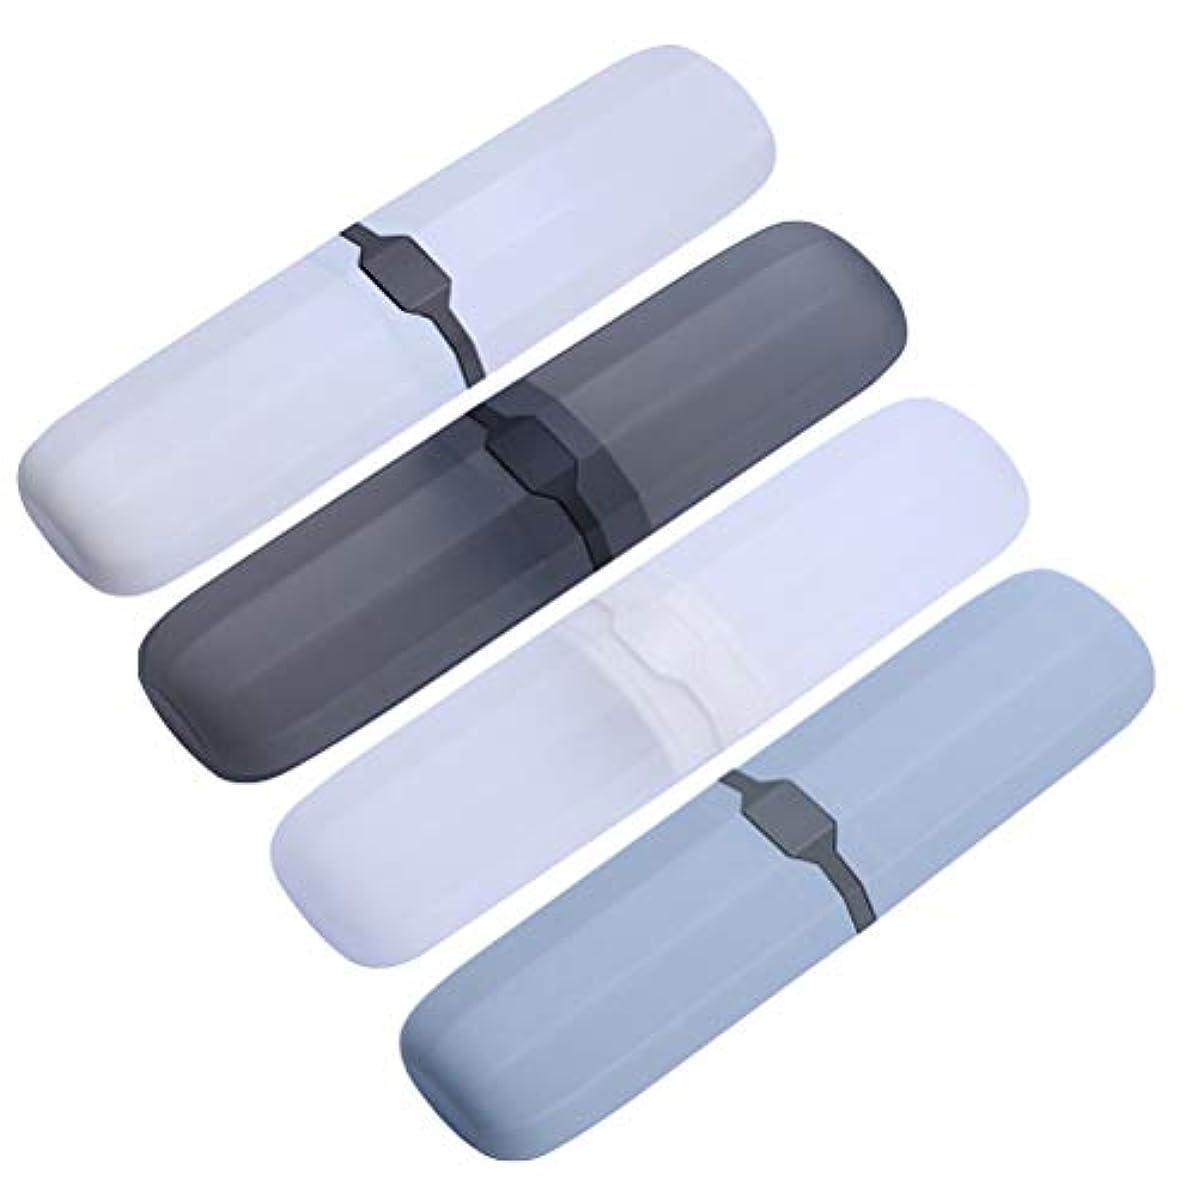 必要性ヘルパー甥Healifty 4PCSポータブル旅行歯ブラシケースプラスチック歯磨き粉ボックス屋外用